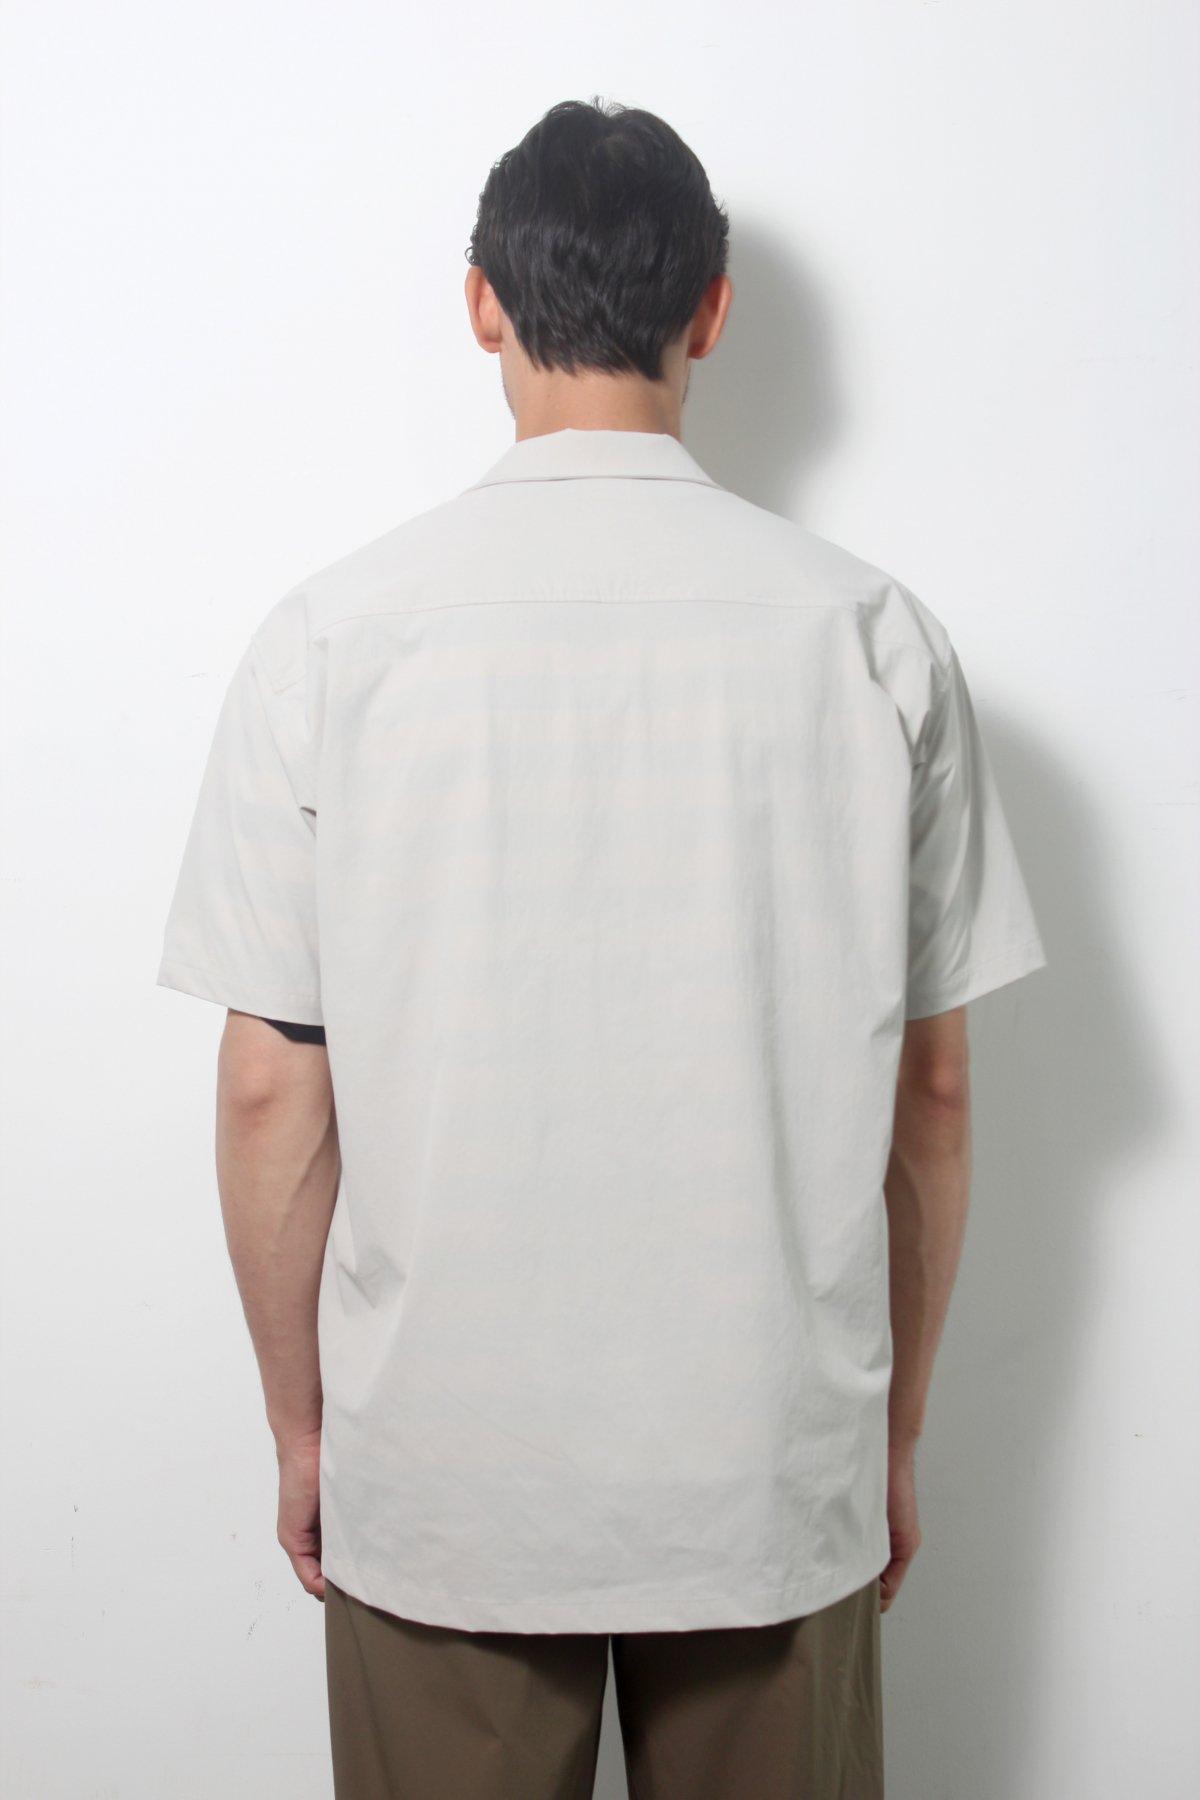 S/S W Pocket Shirts 詳細画像6